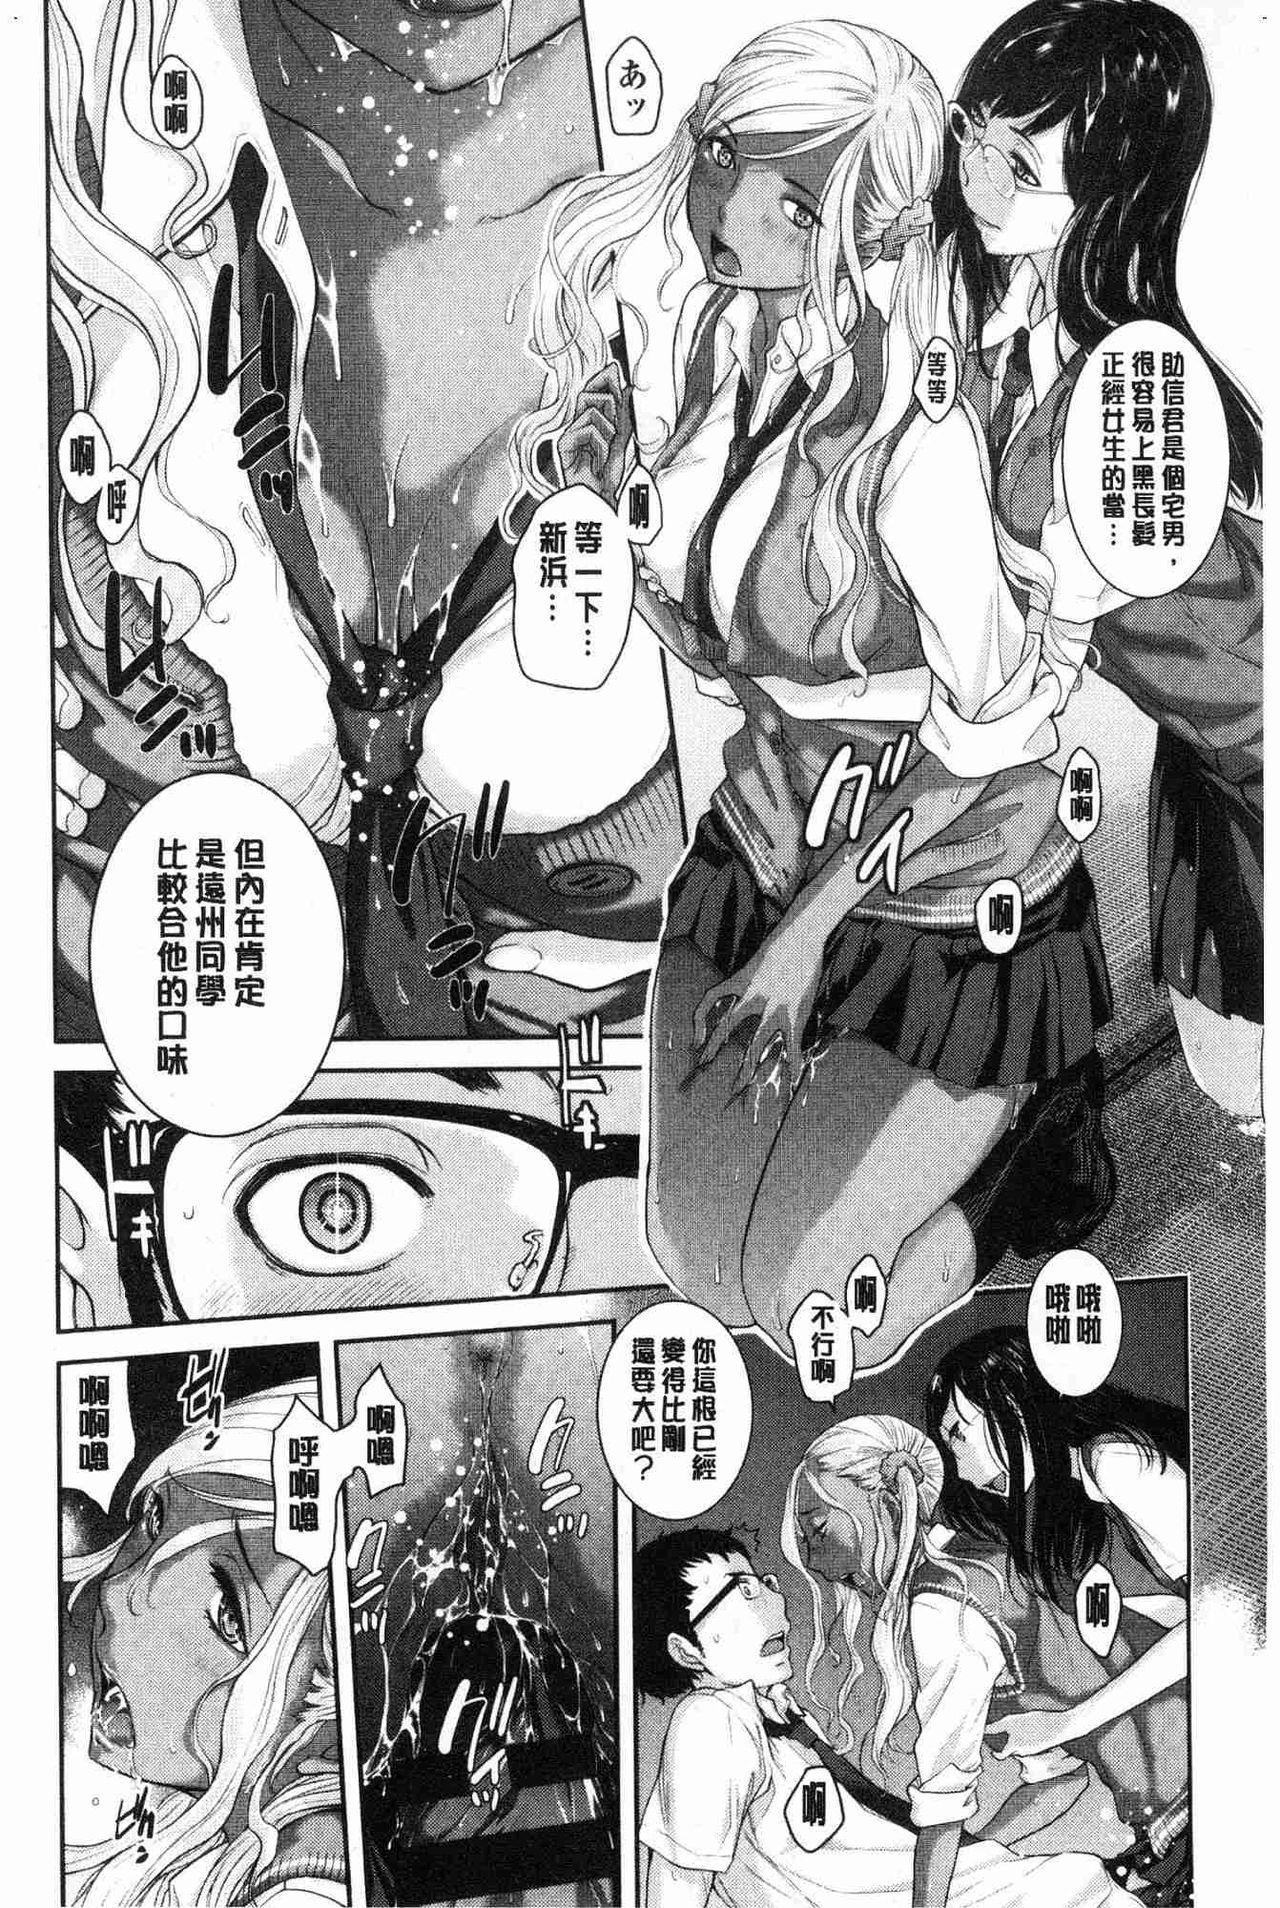 [Harazaki Takuma] Seifuku Shijou Shugi -Natsu- - Uniforms supremacy [Chinese] 200